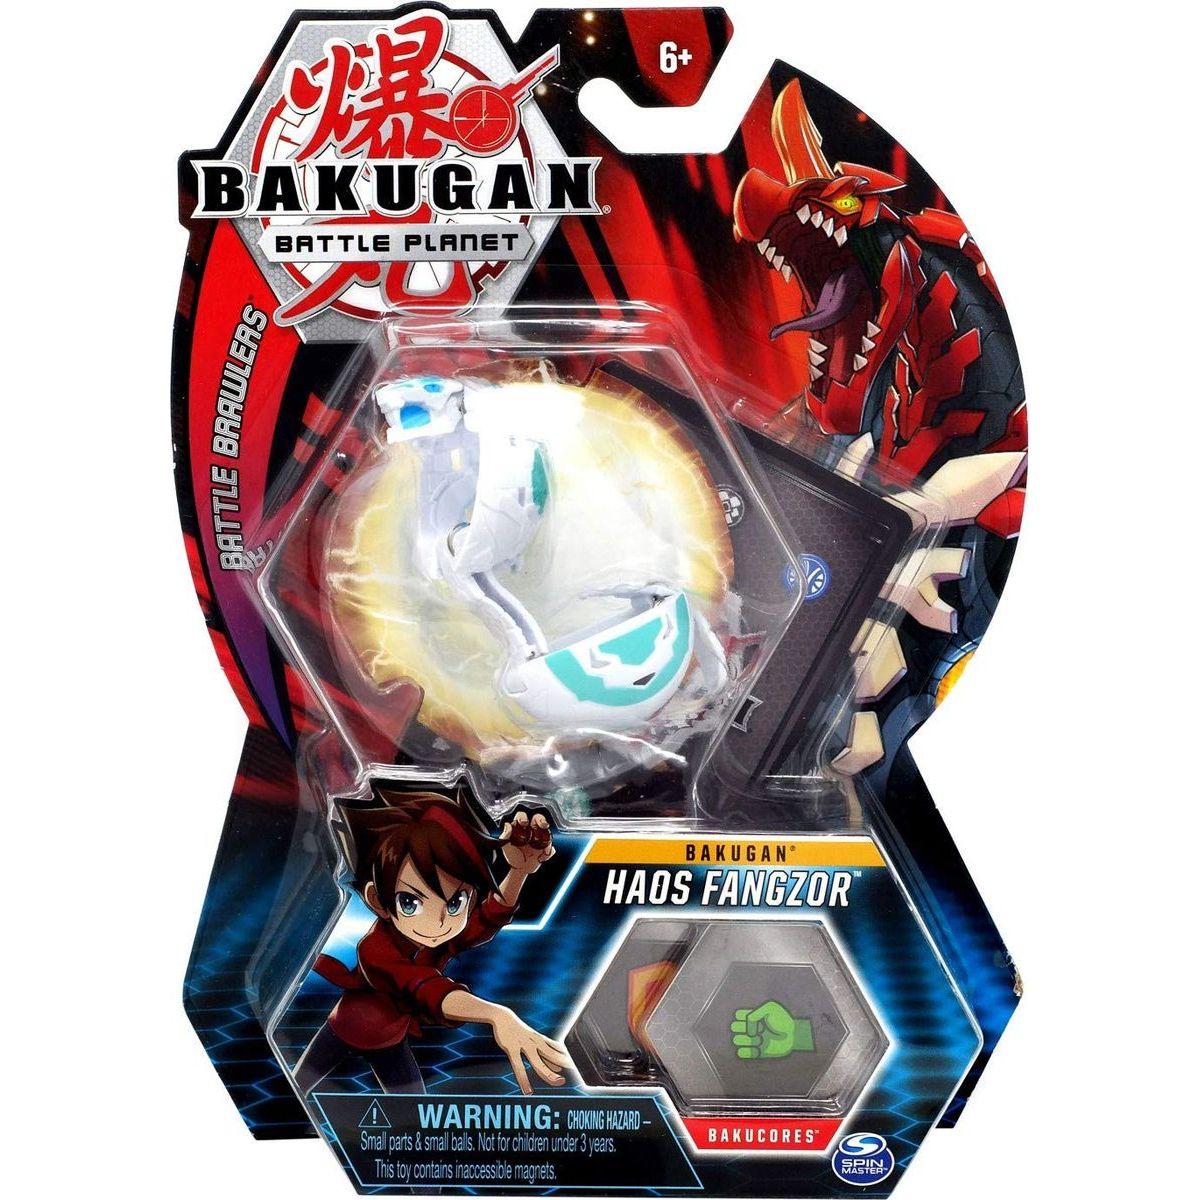 Bakugan základní balení Haos Fangzor